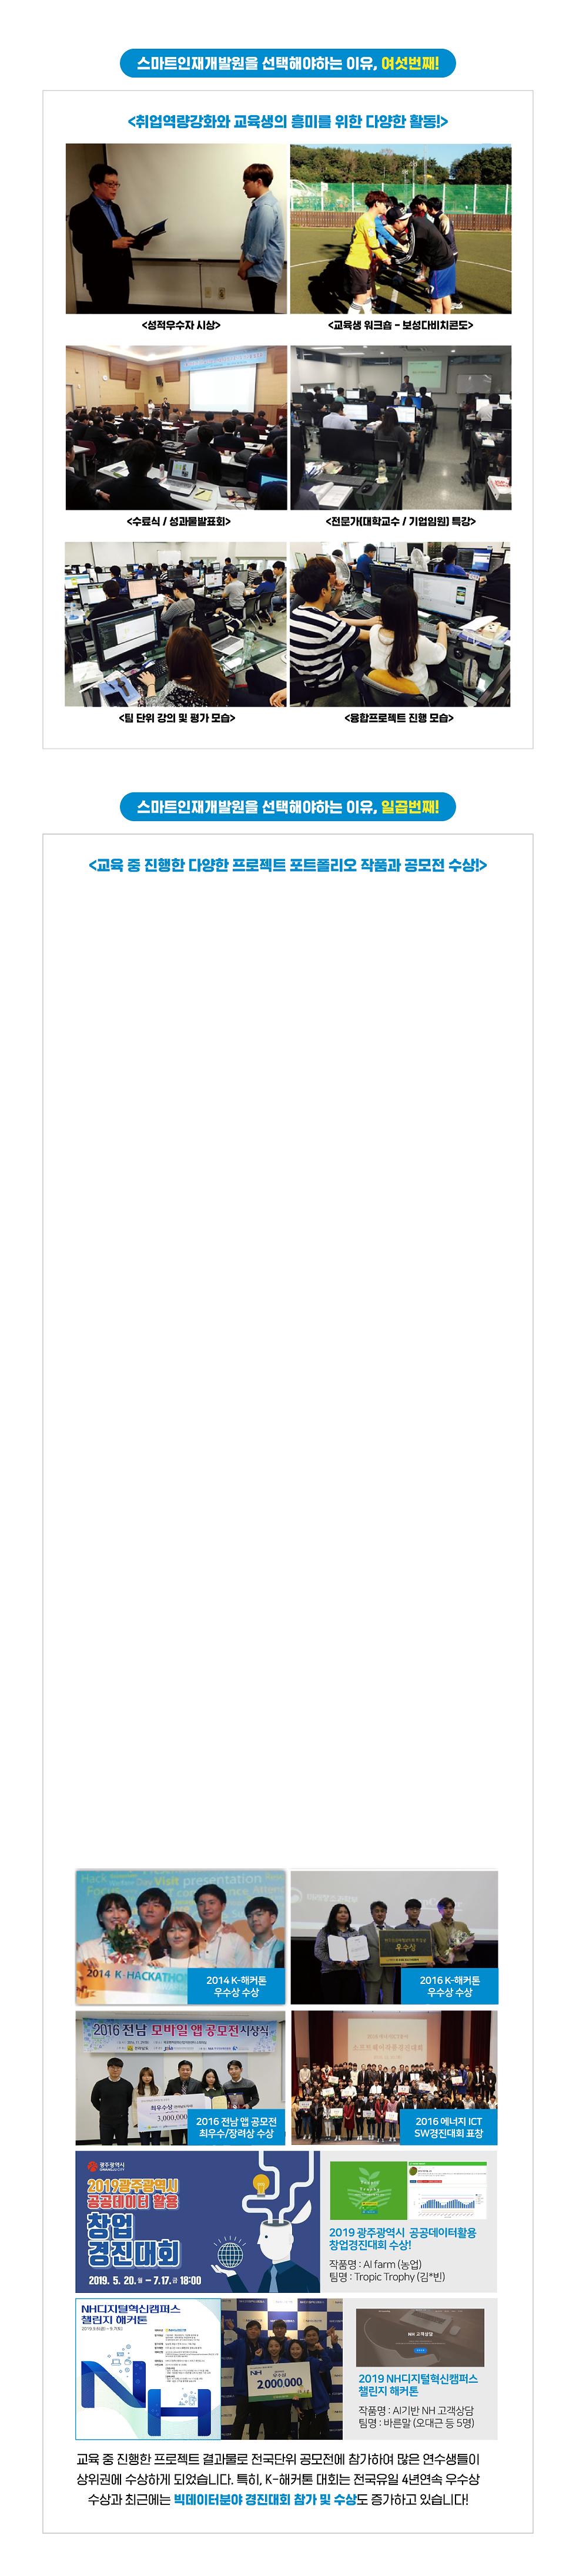 홈페이지-교육특징-(201104)3.png